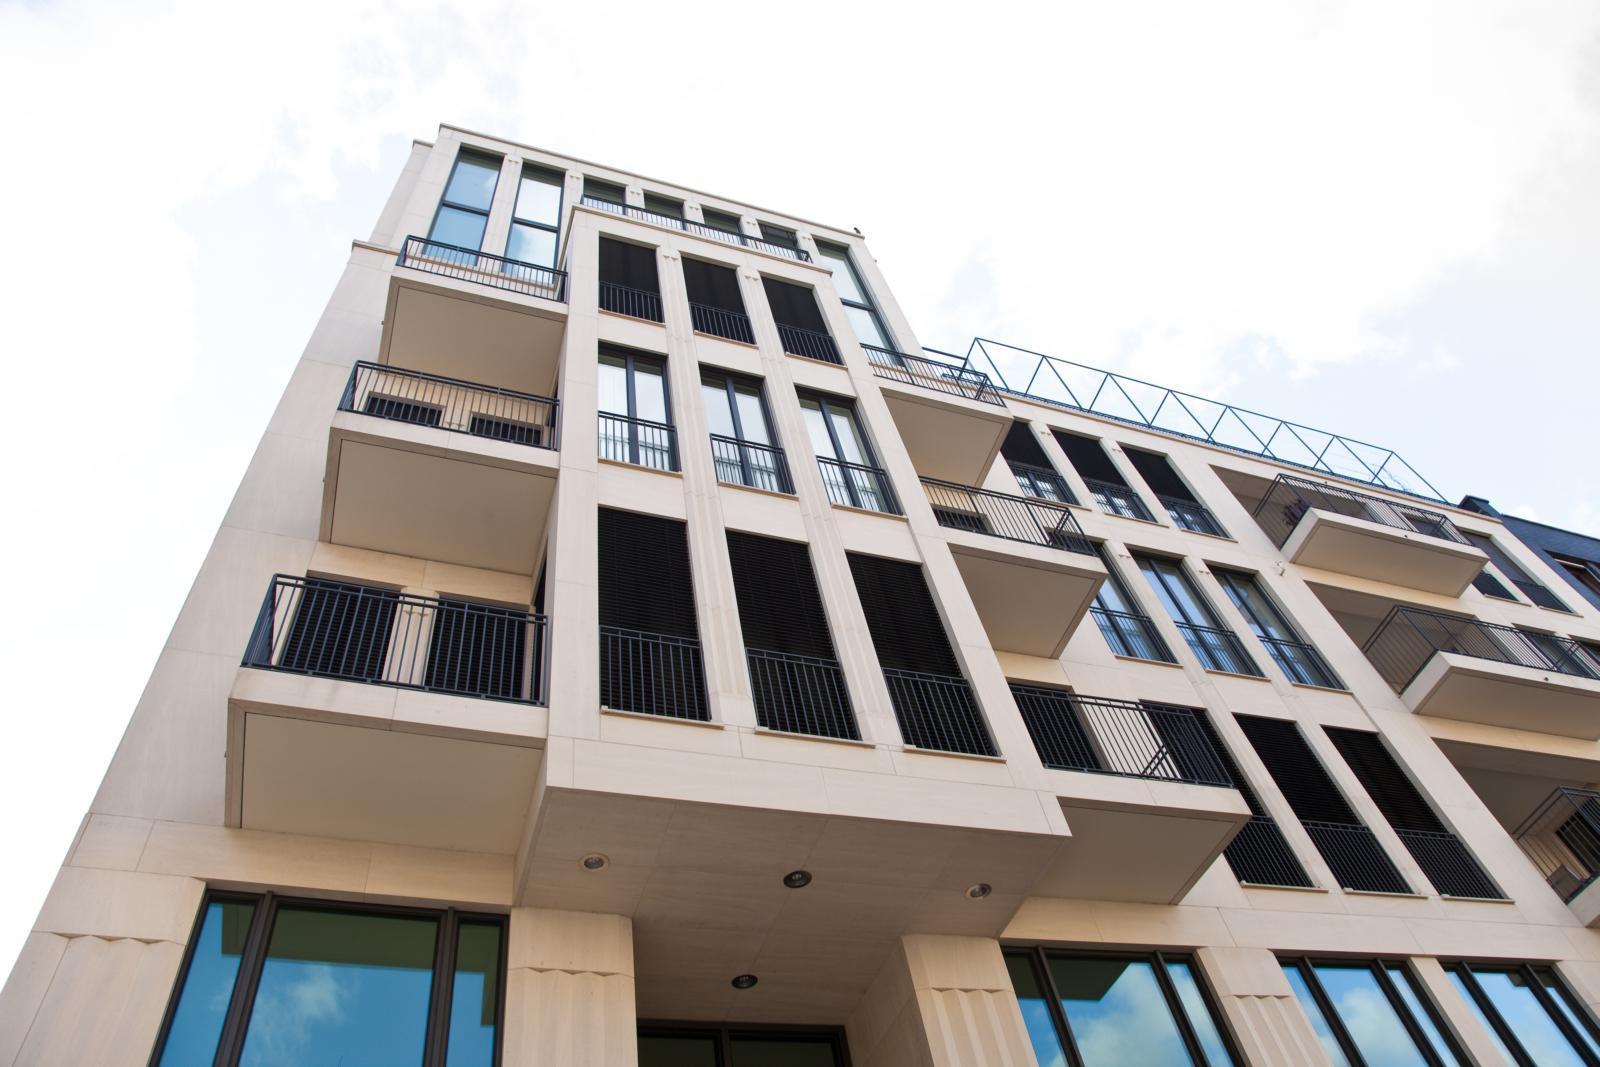 immobilienmakler reba immobilien ag berlin kassel immobilienmakler hotelmakler. Black Bedroom Furniture Sets. Home Design Ideas